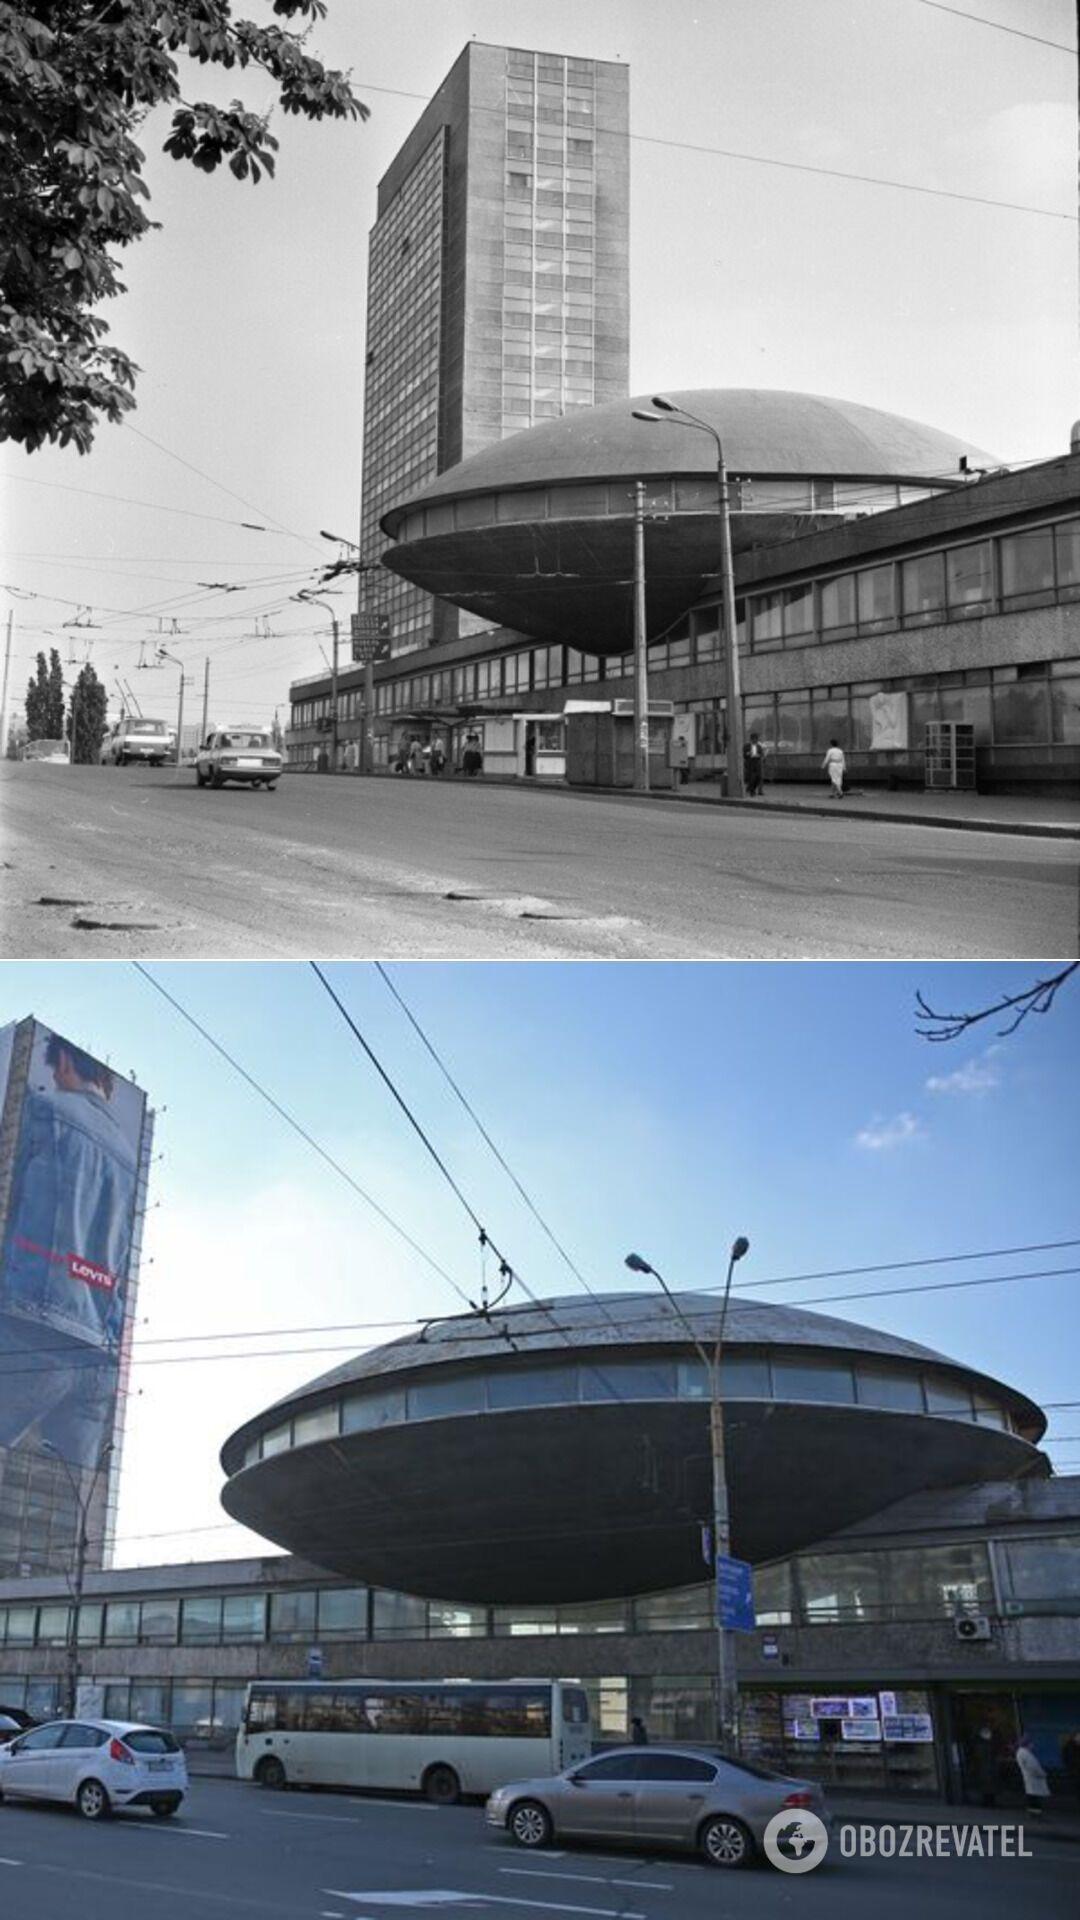 """Здание Института научной-технической экспертизы и информации, или """"Тарелка"""", Киев (Украина), 1971 год"""